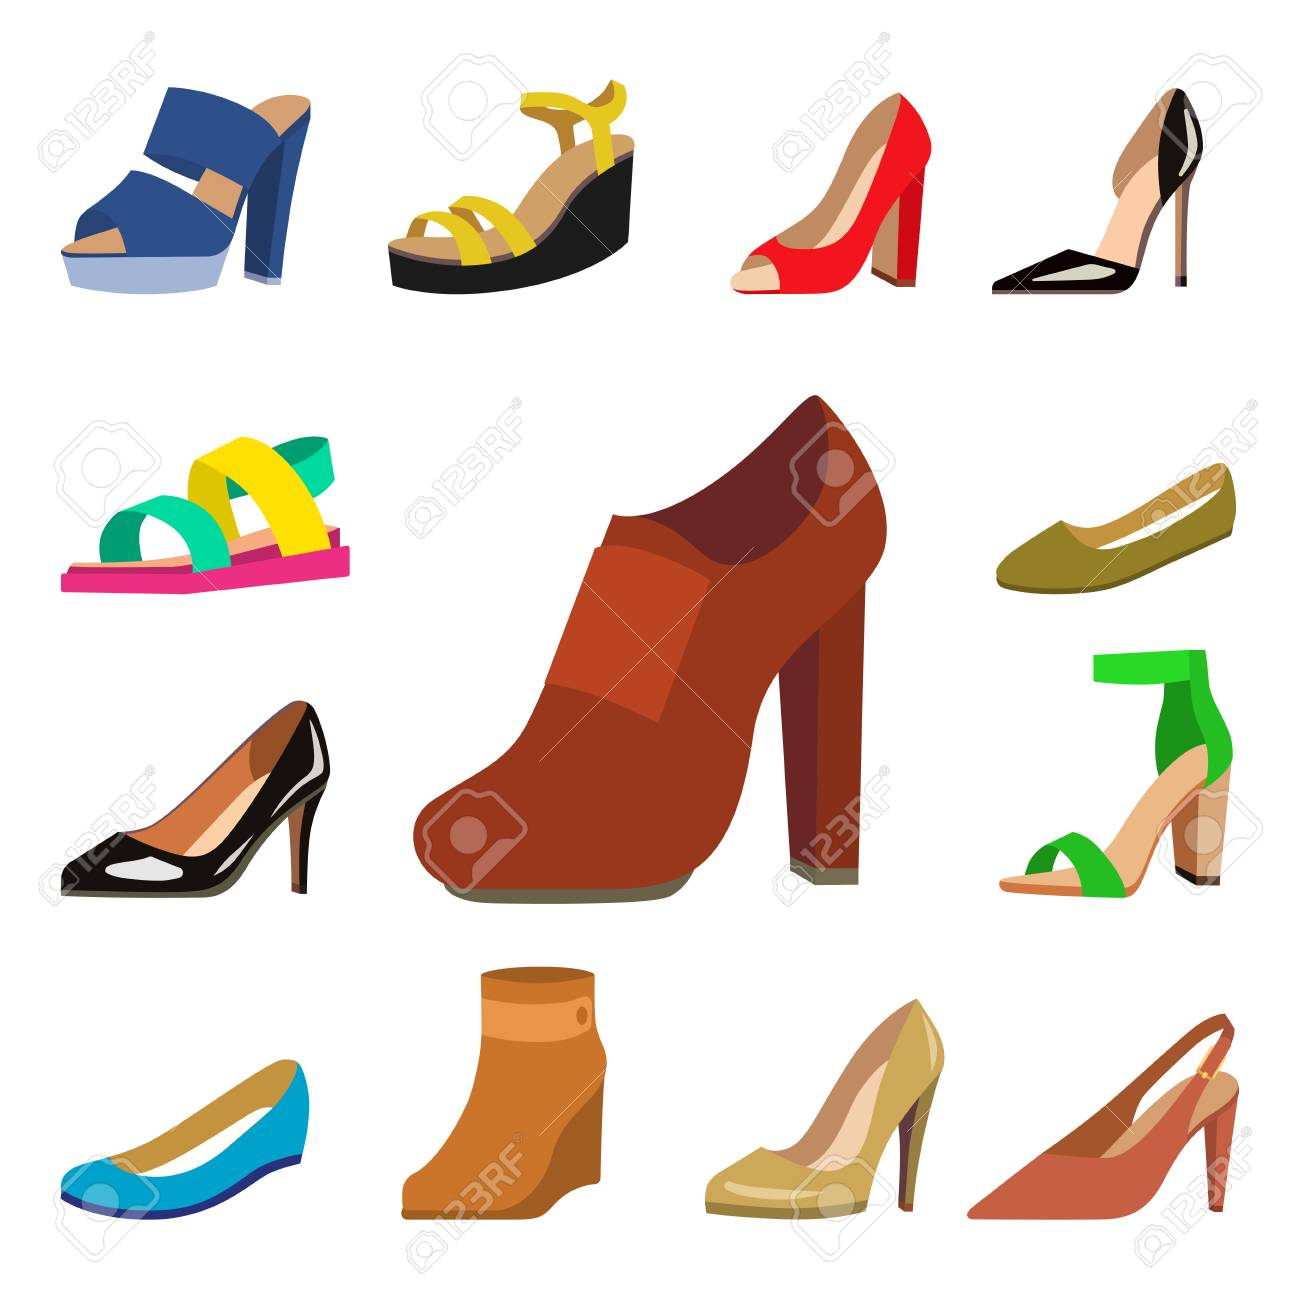 f206264c11 Foto de archivo - Los zapatos para mujer vector la colección plana del  diseño de la moda de mocasines coloreados cuero calza el ejemplo de las  sandalias.